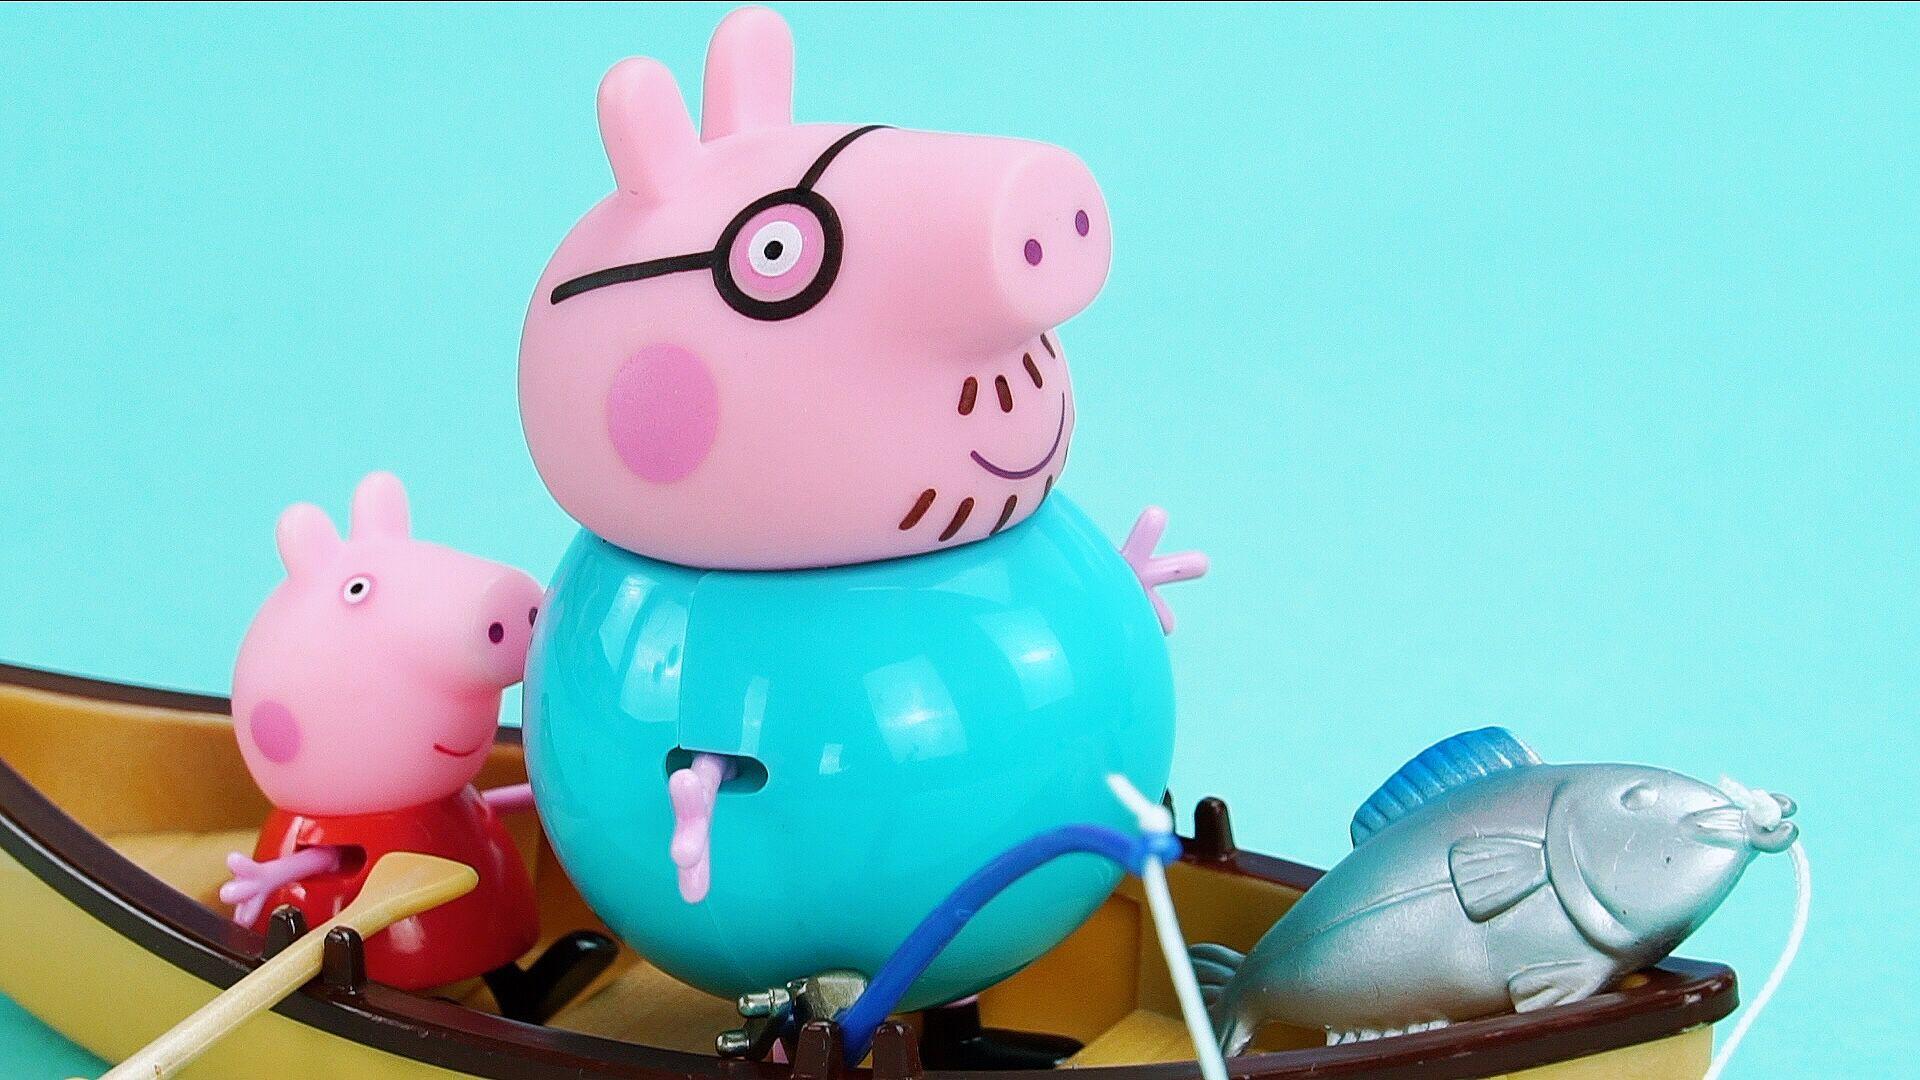 小猪佩奇的钓鱼比赛 动画 玩具口袋